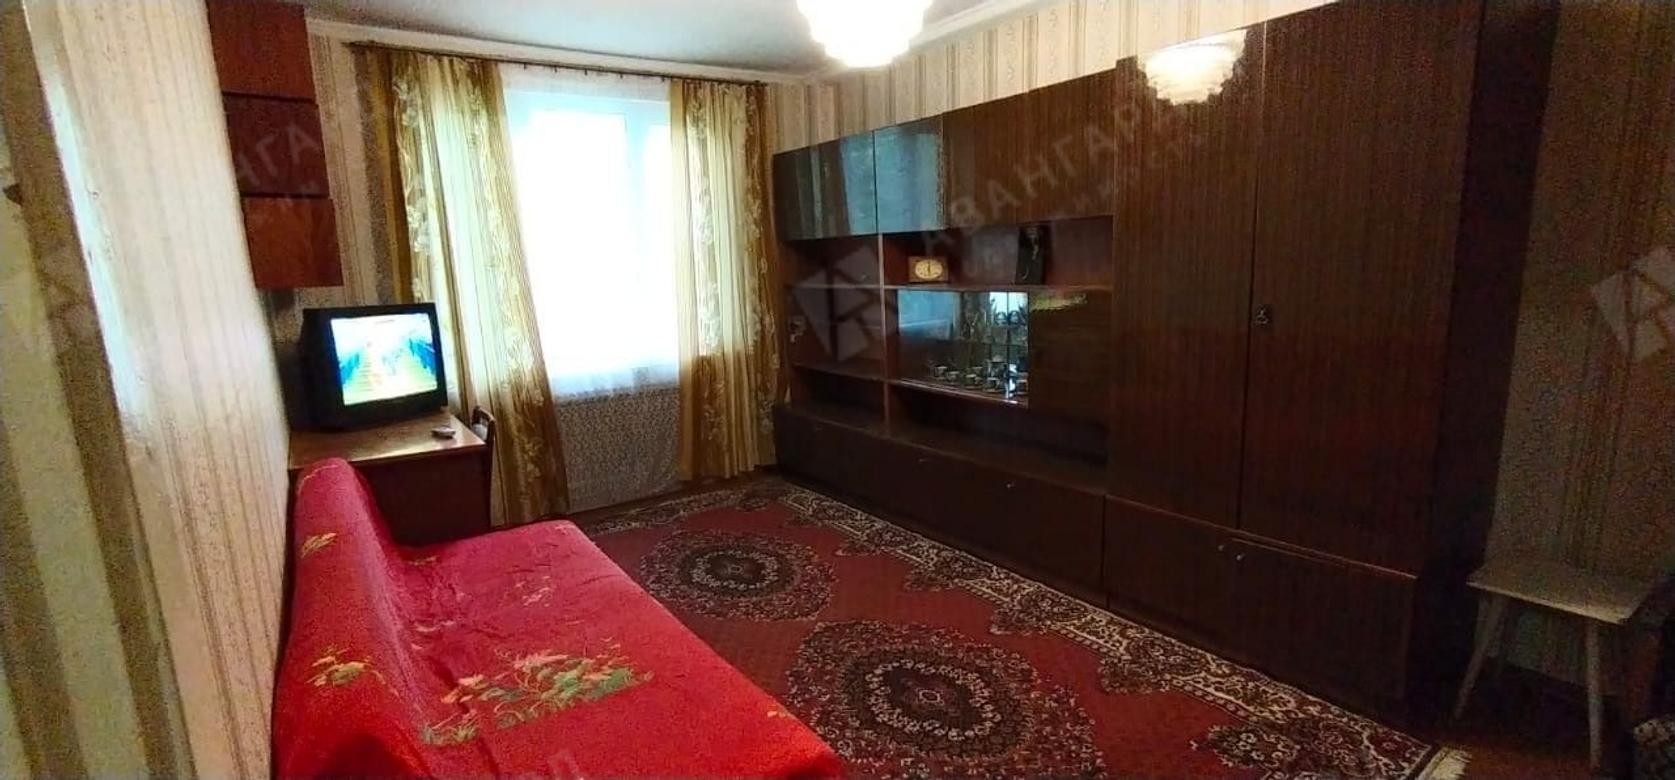 1-комнатная квартира, Дальневосточный пр-кт, 72 - фото 6